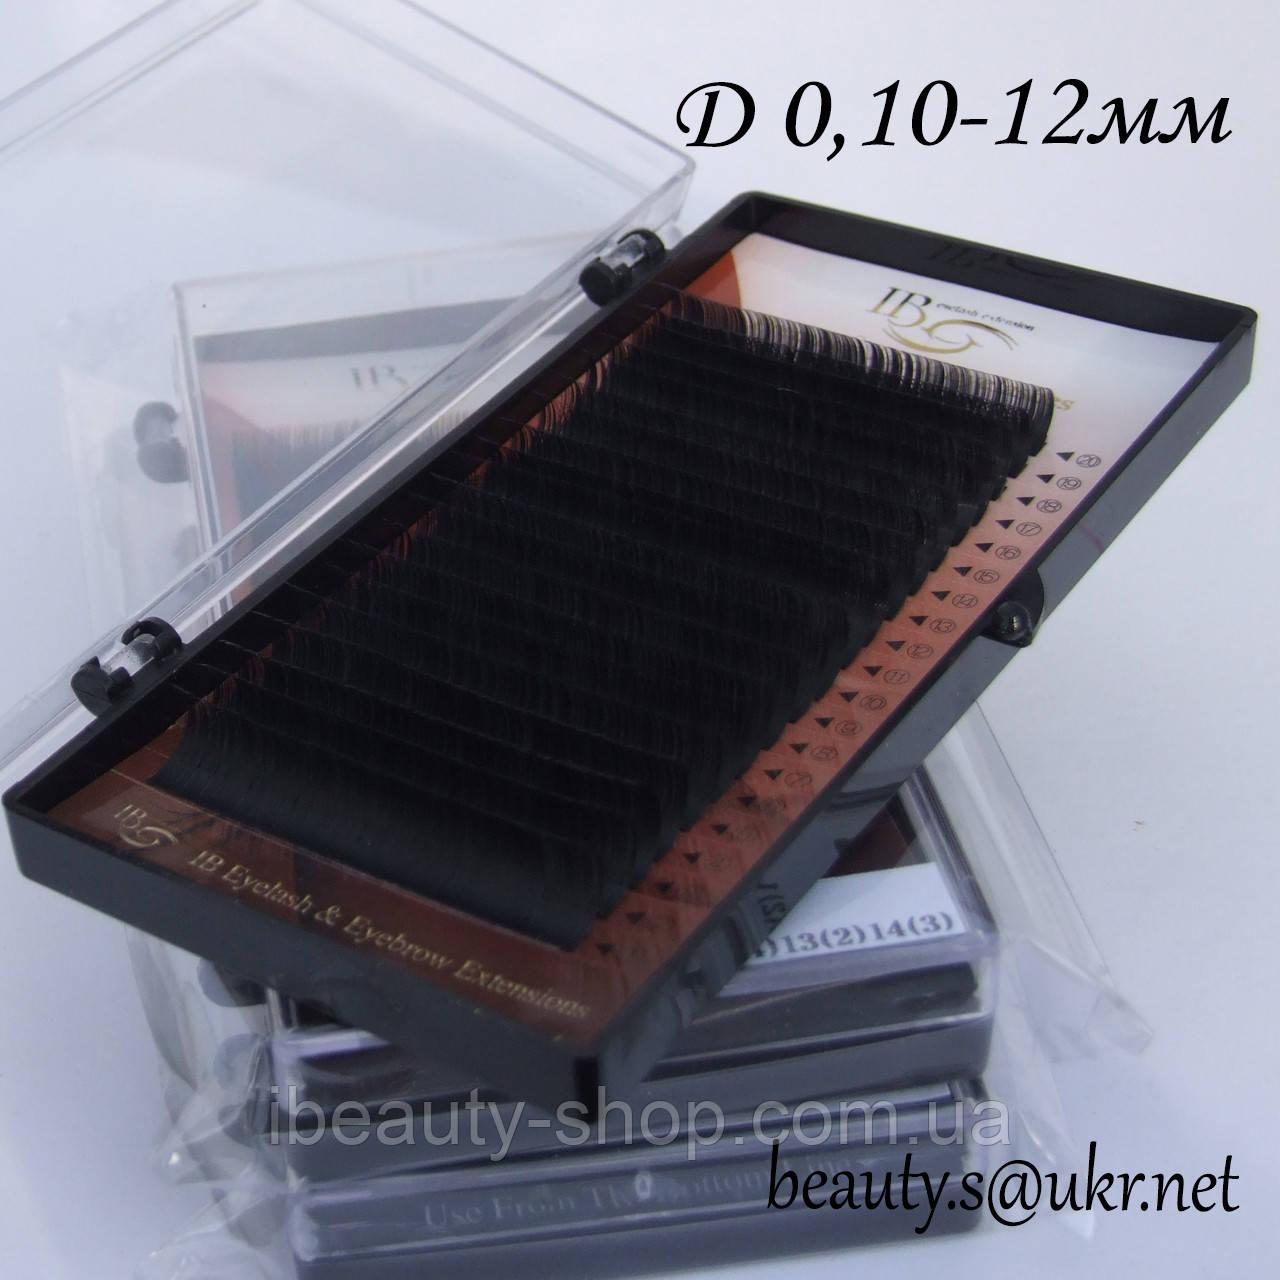 Ресницы  I-Beauty на ленте D-0,10 12мм